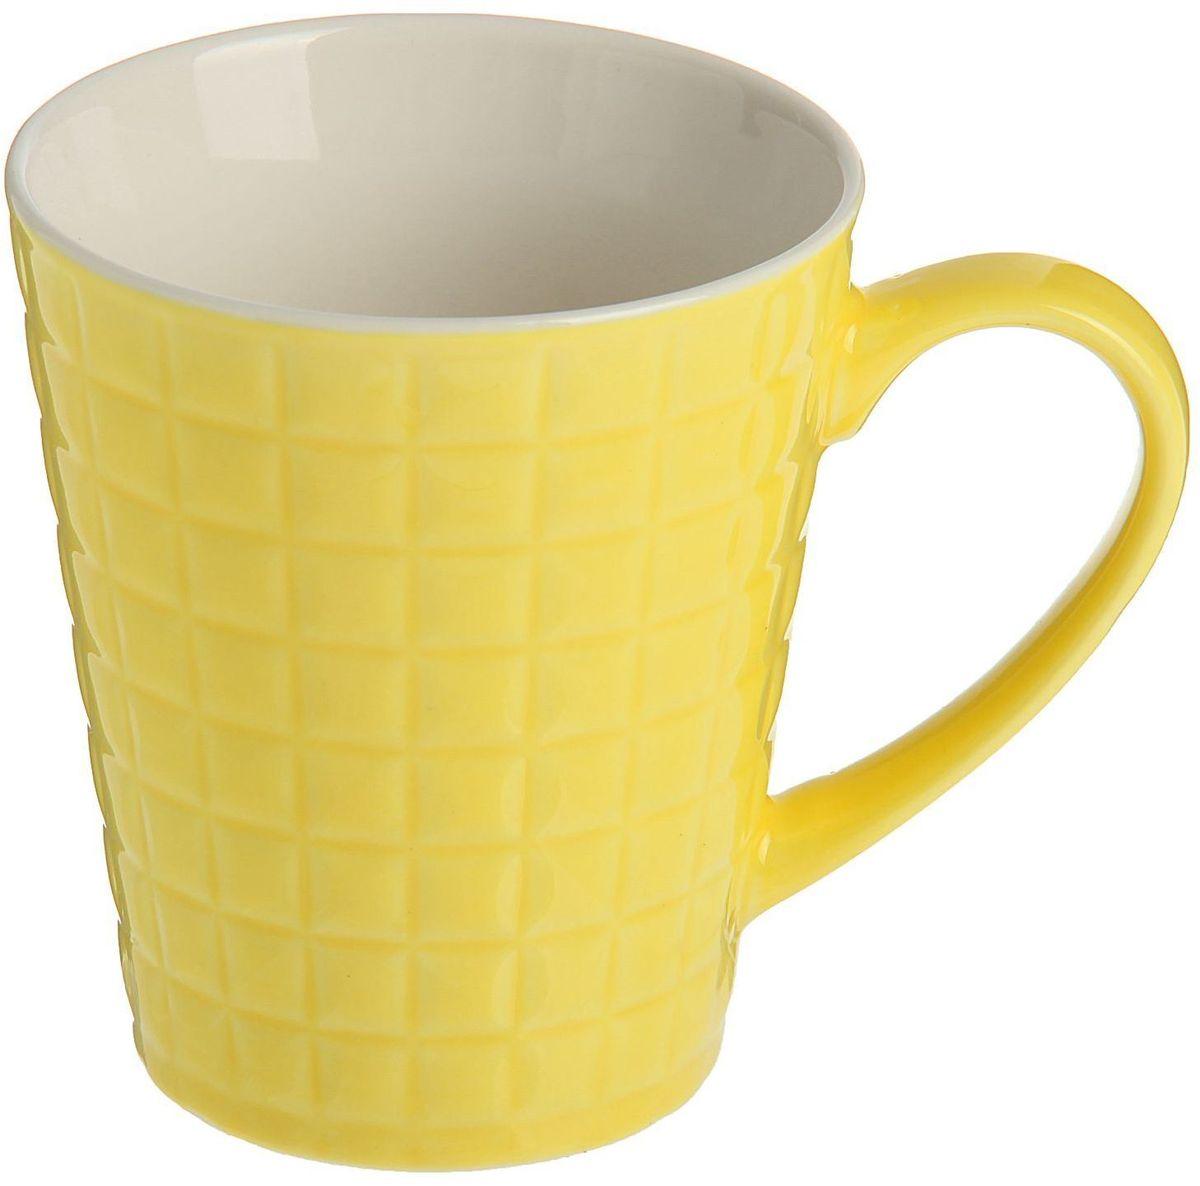 Кружка Доляна Квадрат, цвет: желтый, 320 мл68/5/4Кружка Доляна Квадрат изготовлена из керамики. Корпус украшен квадратами.Кружка станет отличным подарком для родных и близких. Это любимый аксессуар на долгие годы. Относитесь к изделию бережно, и оно будет дарить прекрасное настроение каждый день.